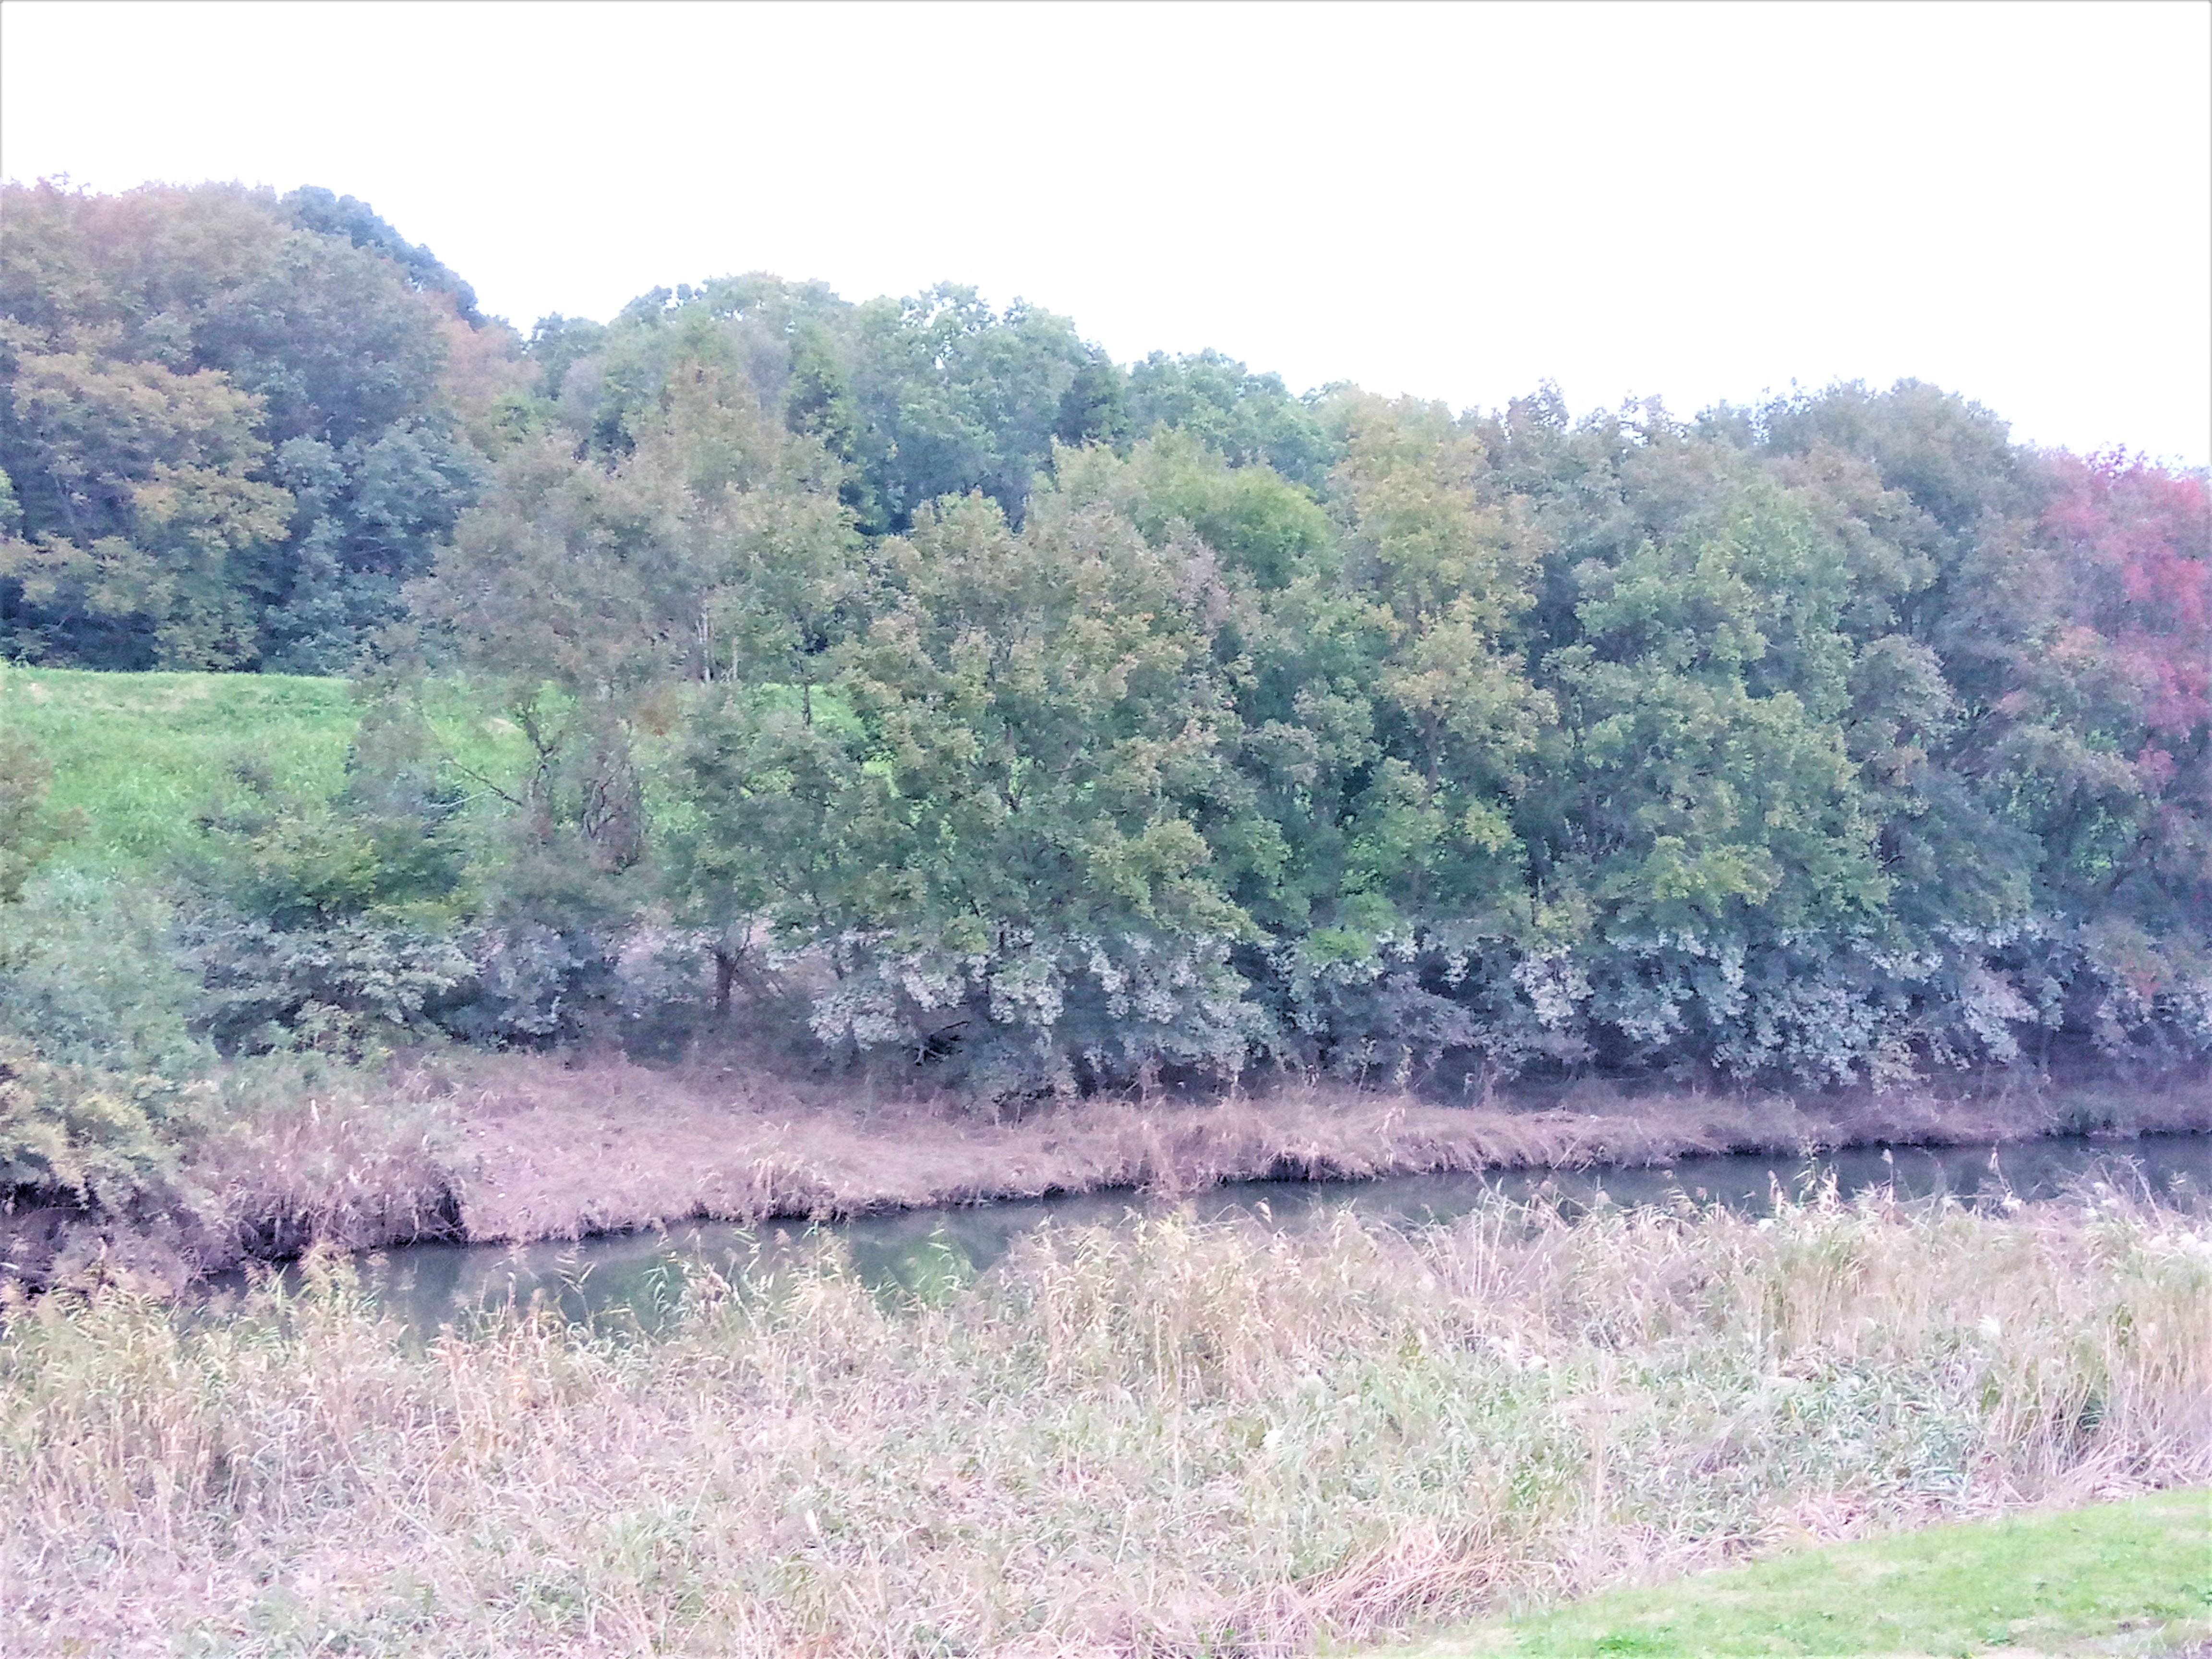 利根運河における残像 東深井663地先から野田市方面を見ると水位の上昇と一緒に木々が汚れています